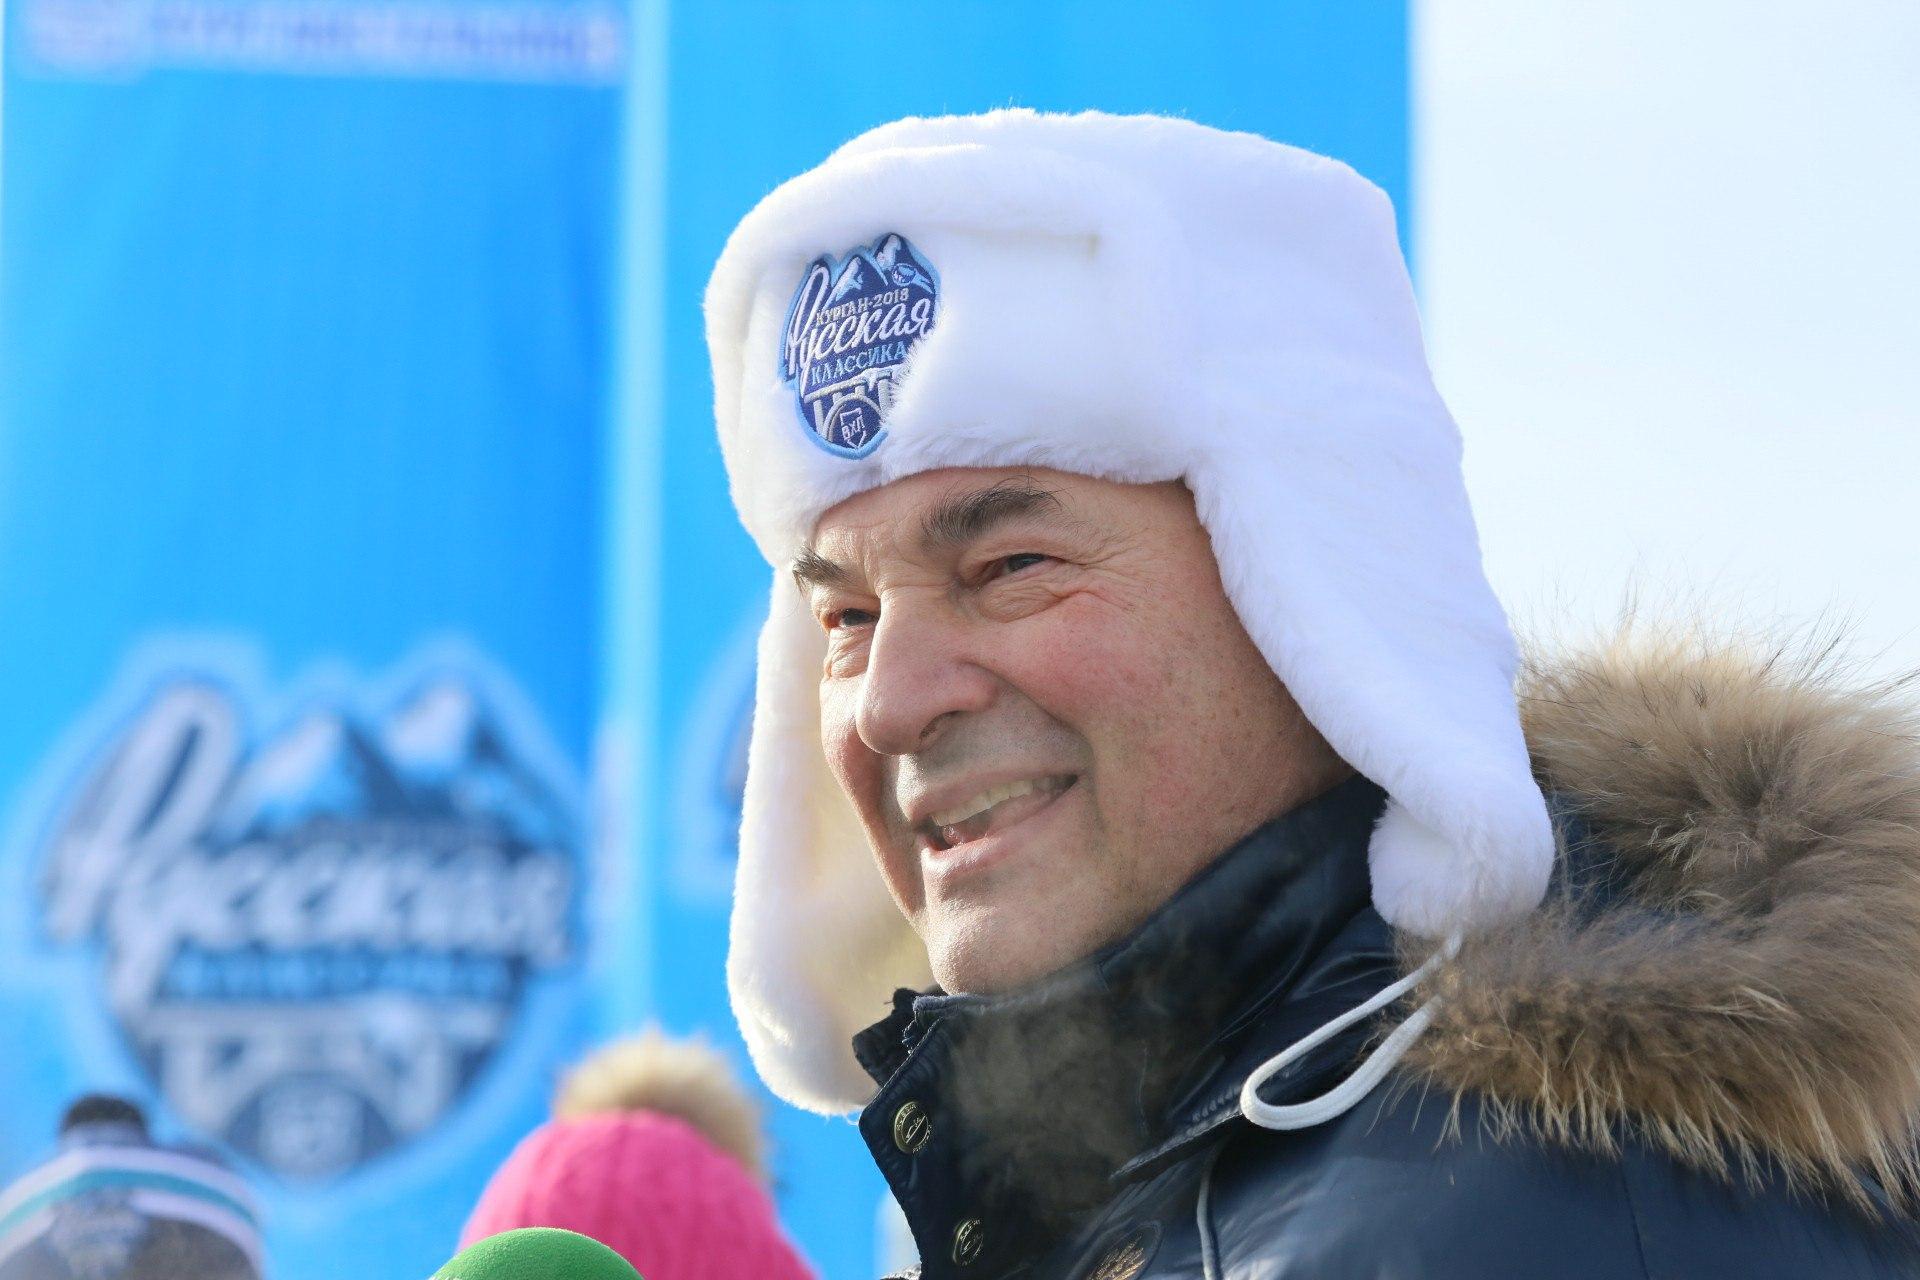 Идёт матч регулярного чемпионата ВХЛ «Зауралье» — «Рубин»